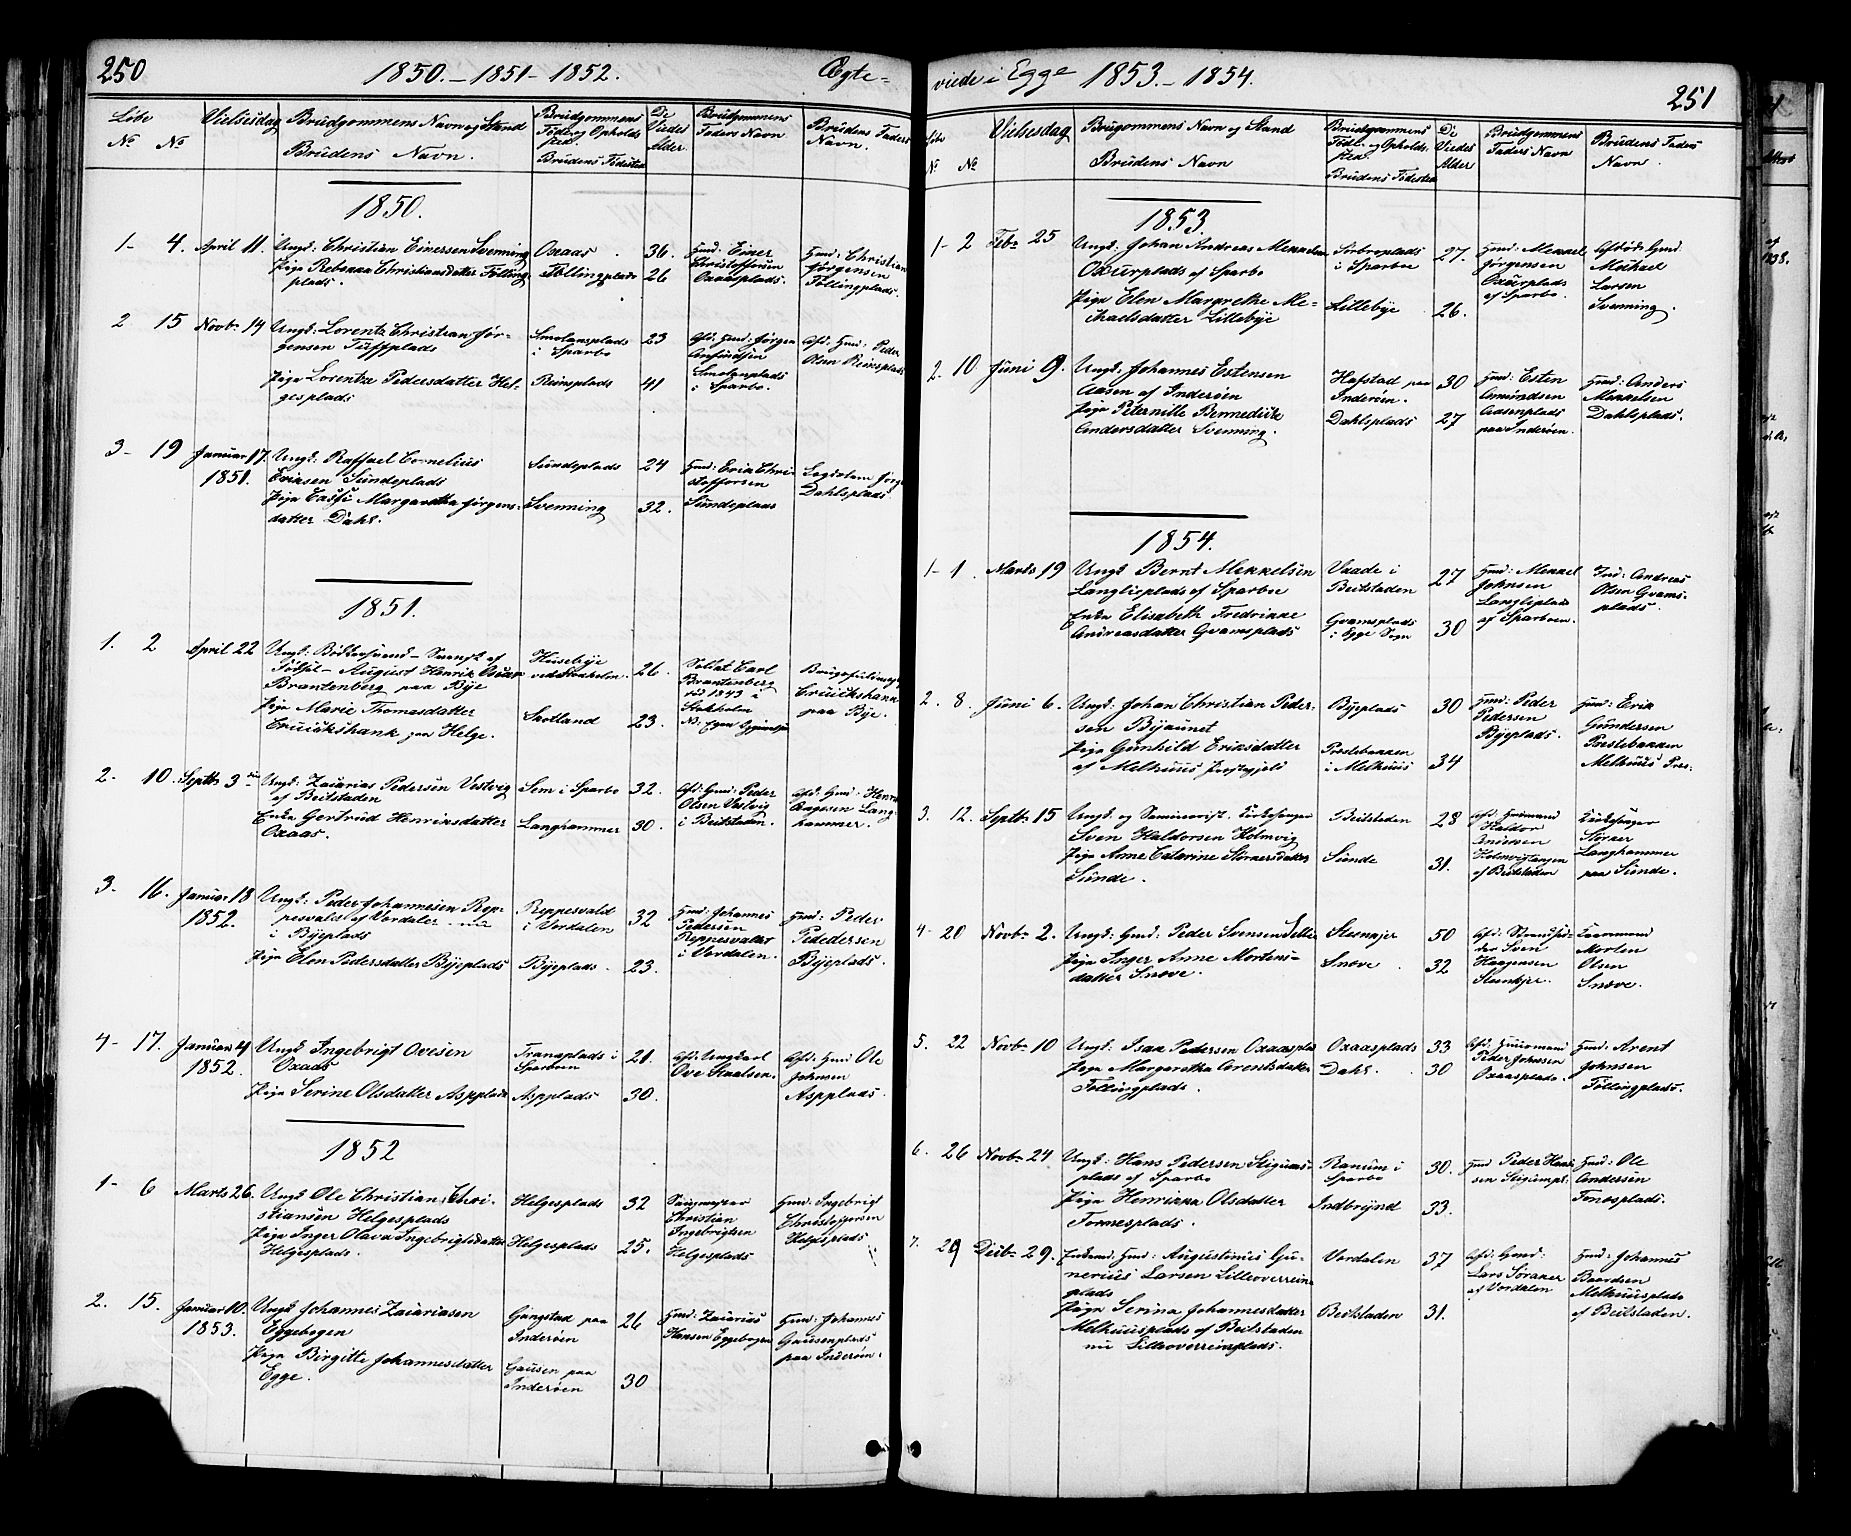 SAT, Ministerialprotokoller, klokkerbøker og fødselsregistre - Nord-Trøndelag, 739/L0367: Ministerialbok nr. 739A01 /3, 1838-1868, s. 250-251